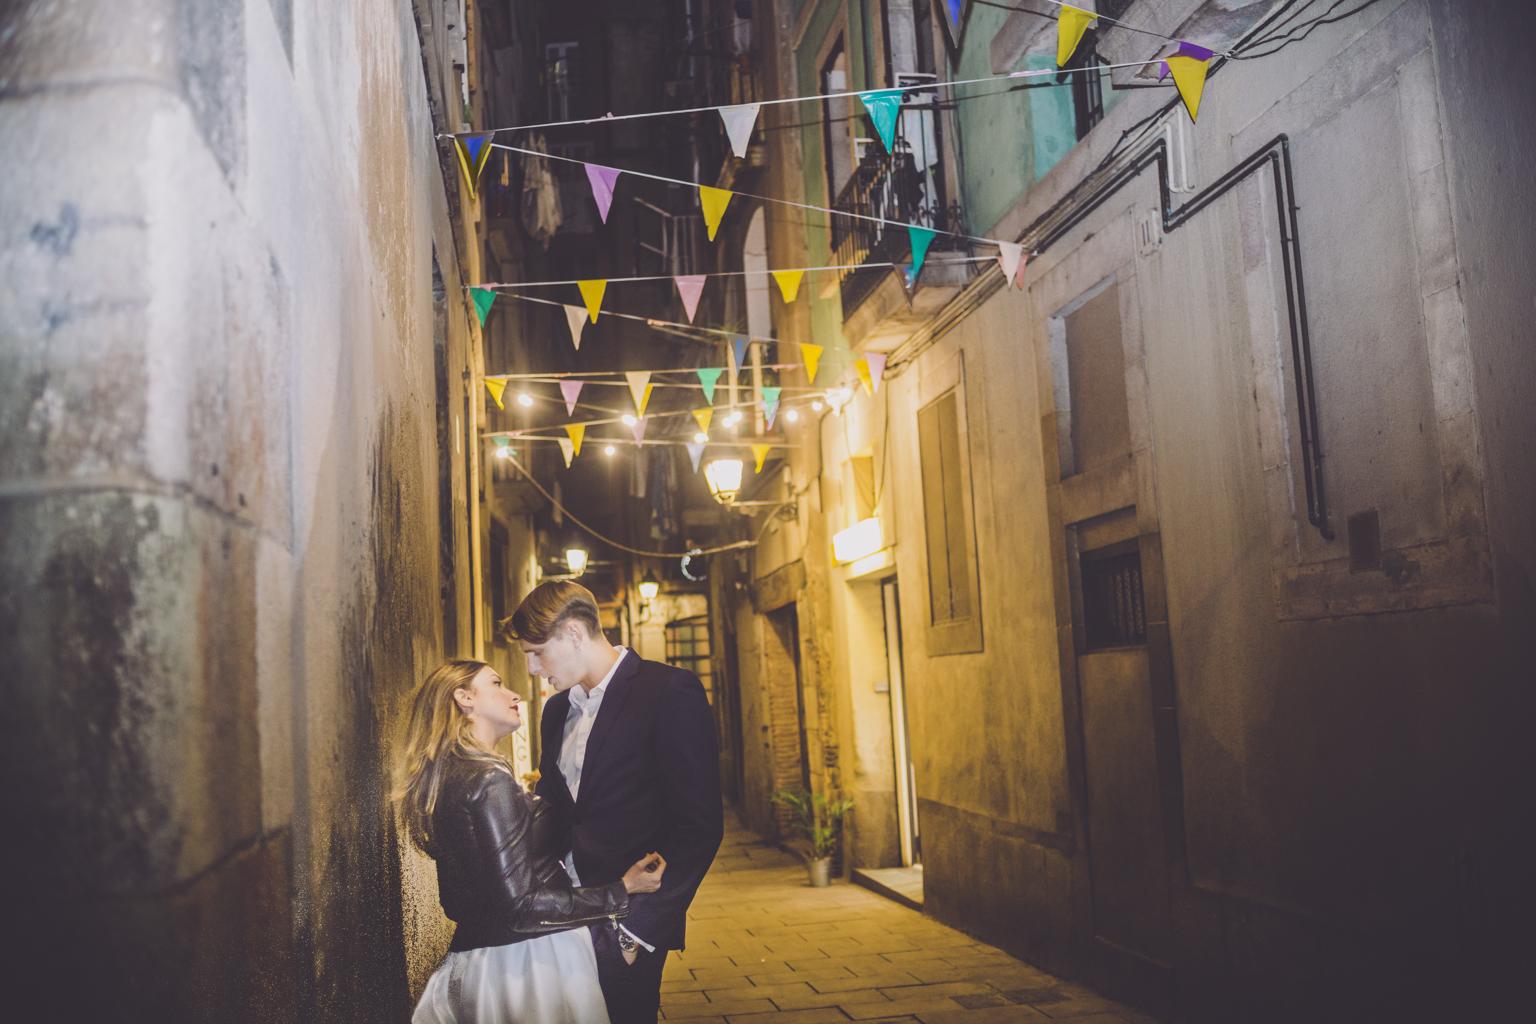 fotógrafo postboda barcelona :: fotógrafo boda barcelona :.: fotógrafo boda pantà de vallvidrera :: fotógrafo postboda el born